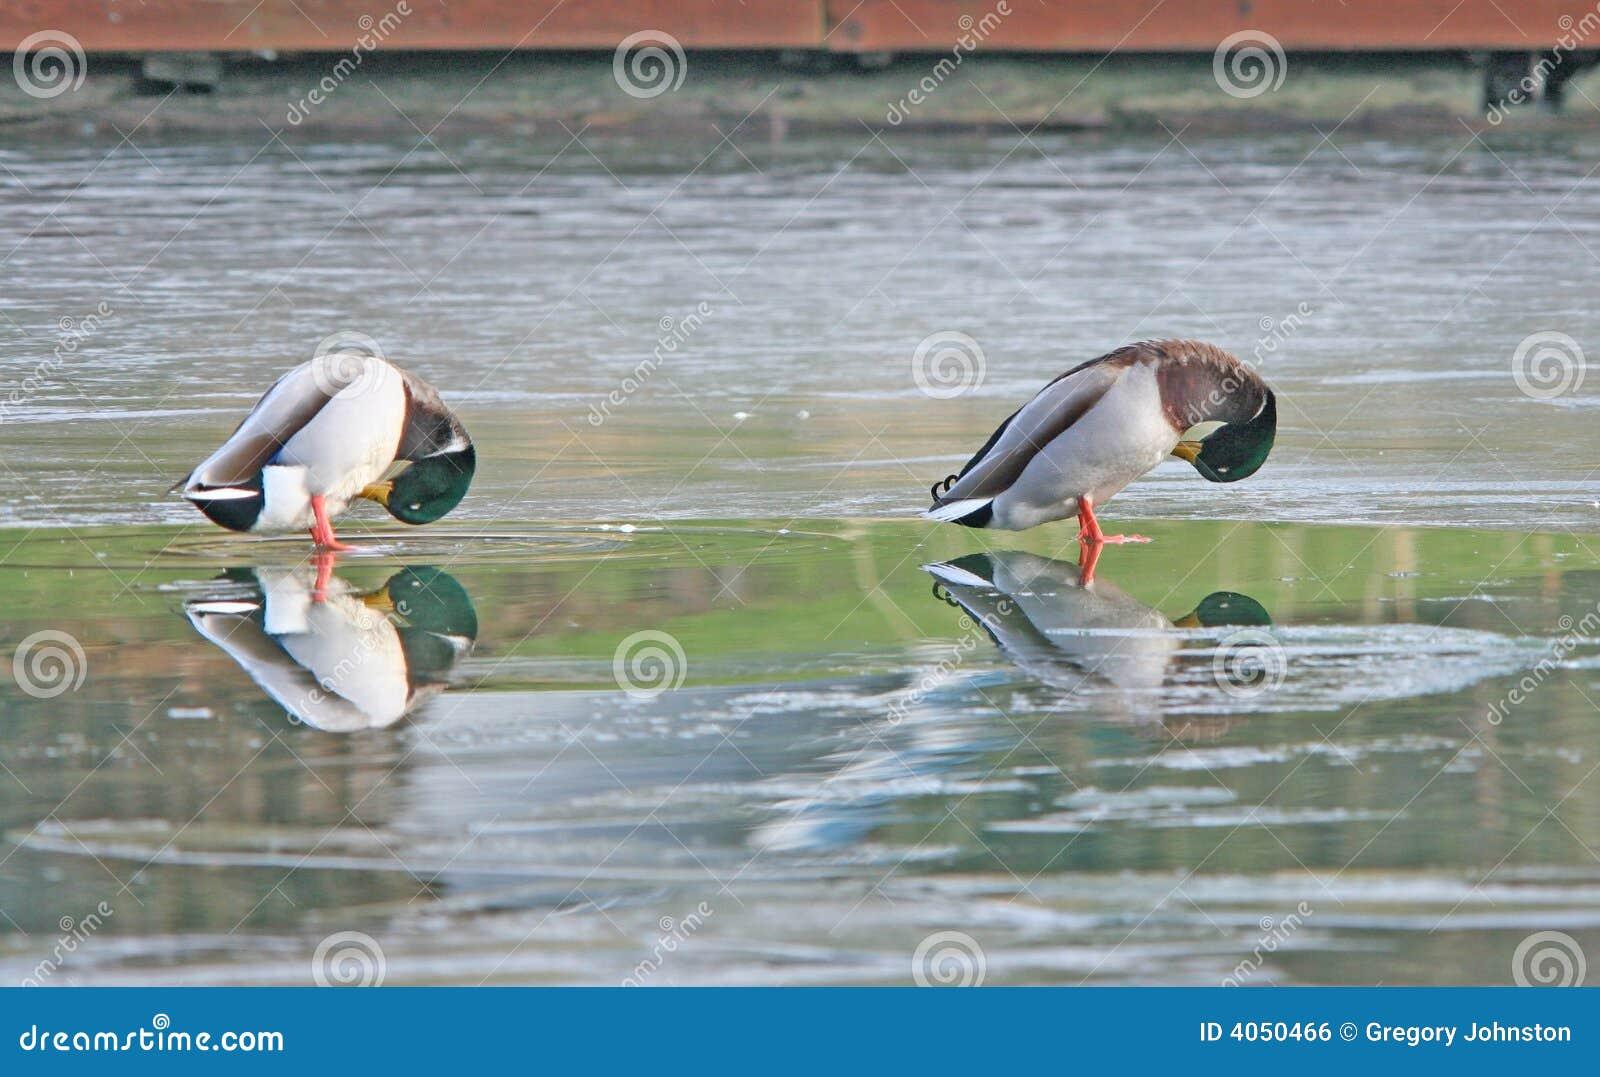 Dois patos selvagens em um lago congelado.